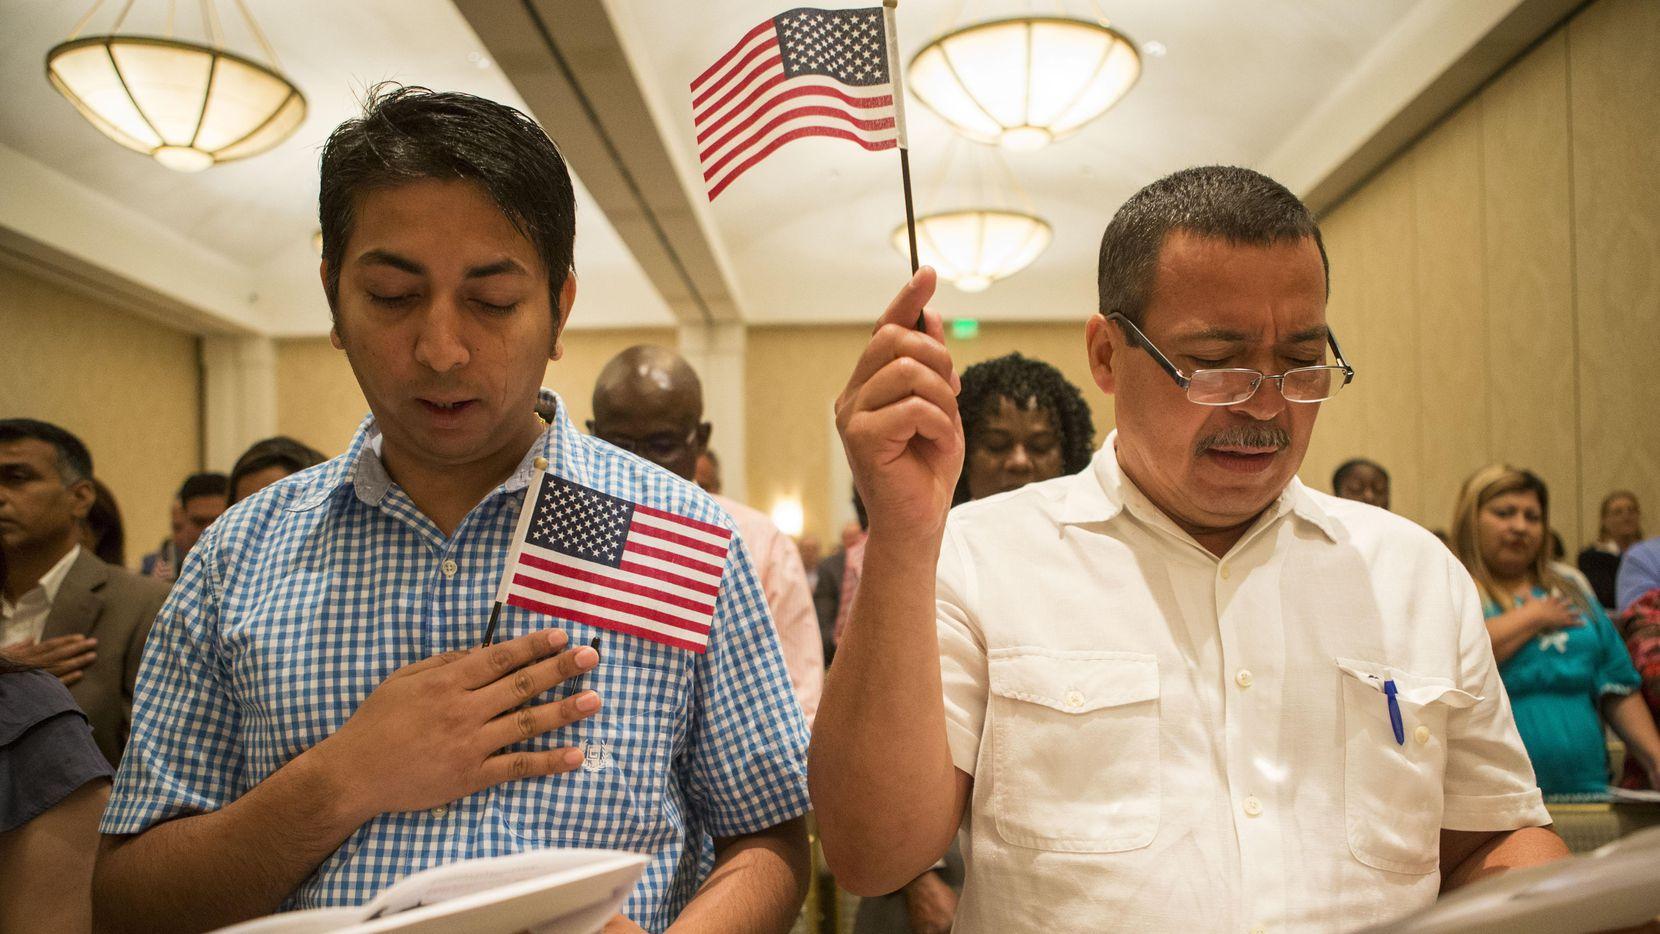 Sanjit Dhakal de Nepal y Emilio Vásquez de Honduras toman el juramento durante una ceremonía de naturalización el 29 de junio del 2017 en Dallas. (DMN/RYAN MICHALESKO)